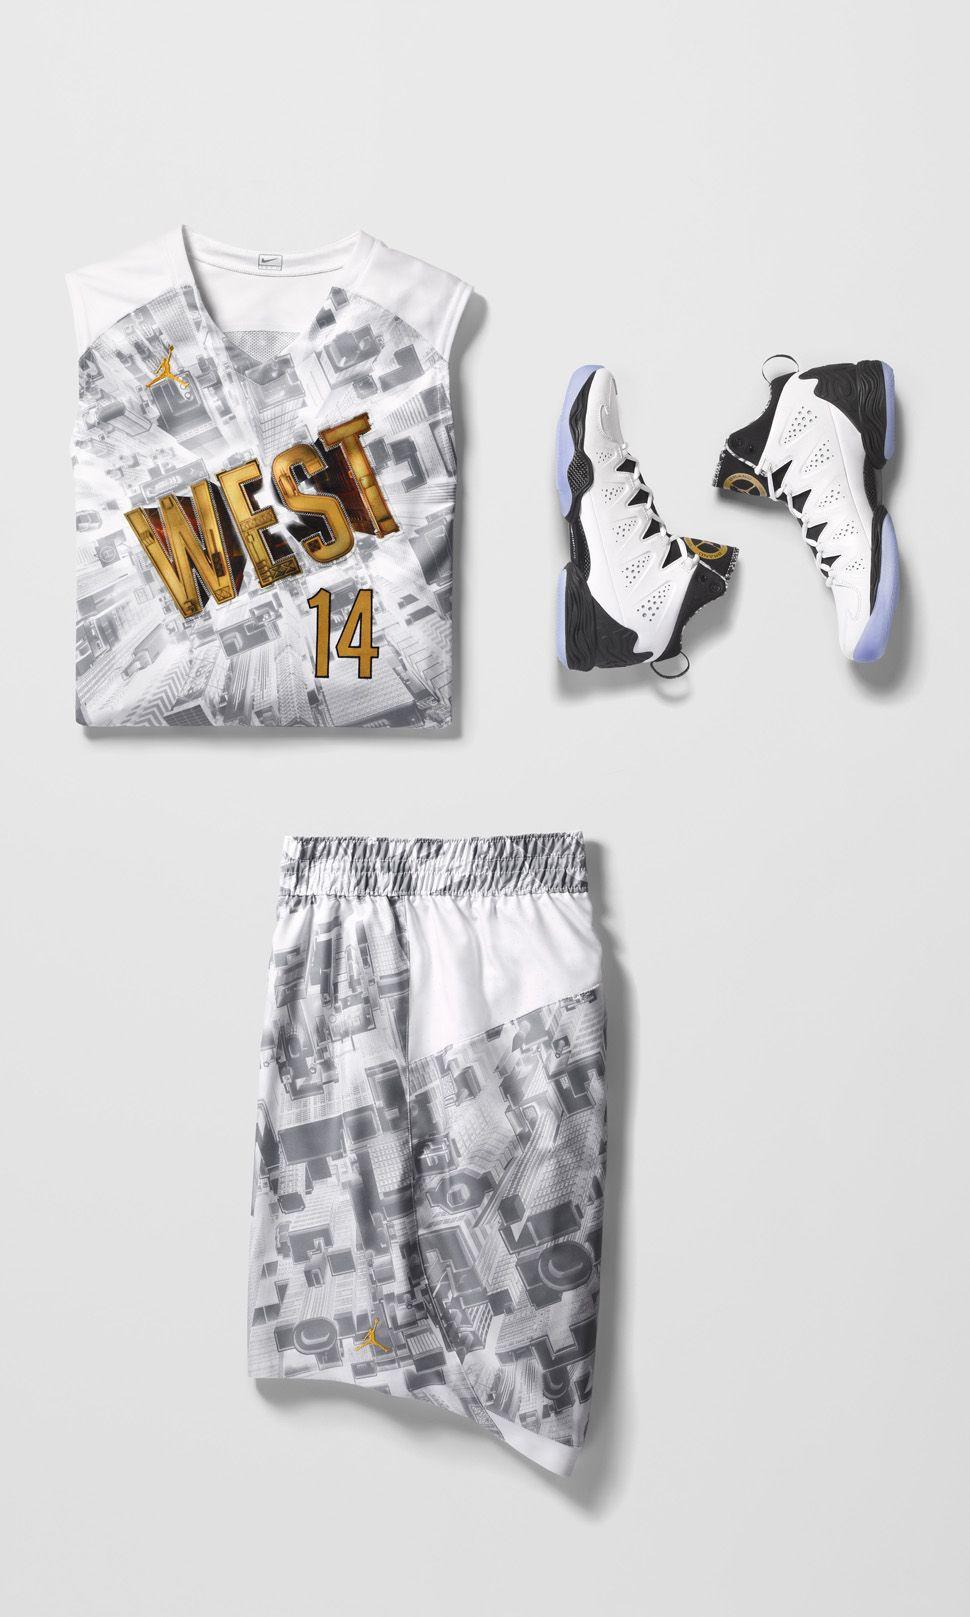 Jordan Brand Classic 2014 Collection (Jerseys, Tees, Kicks